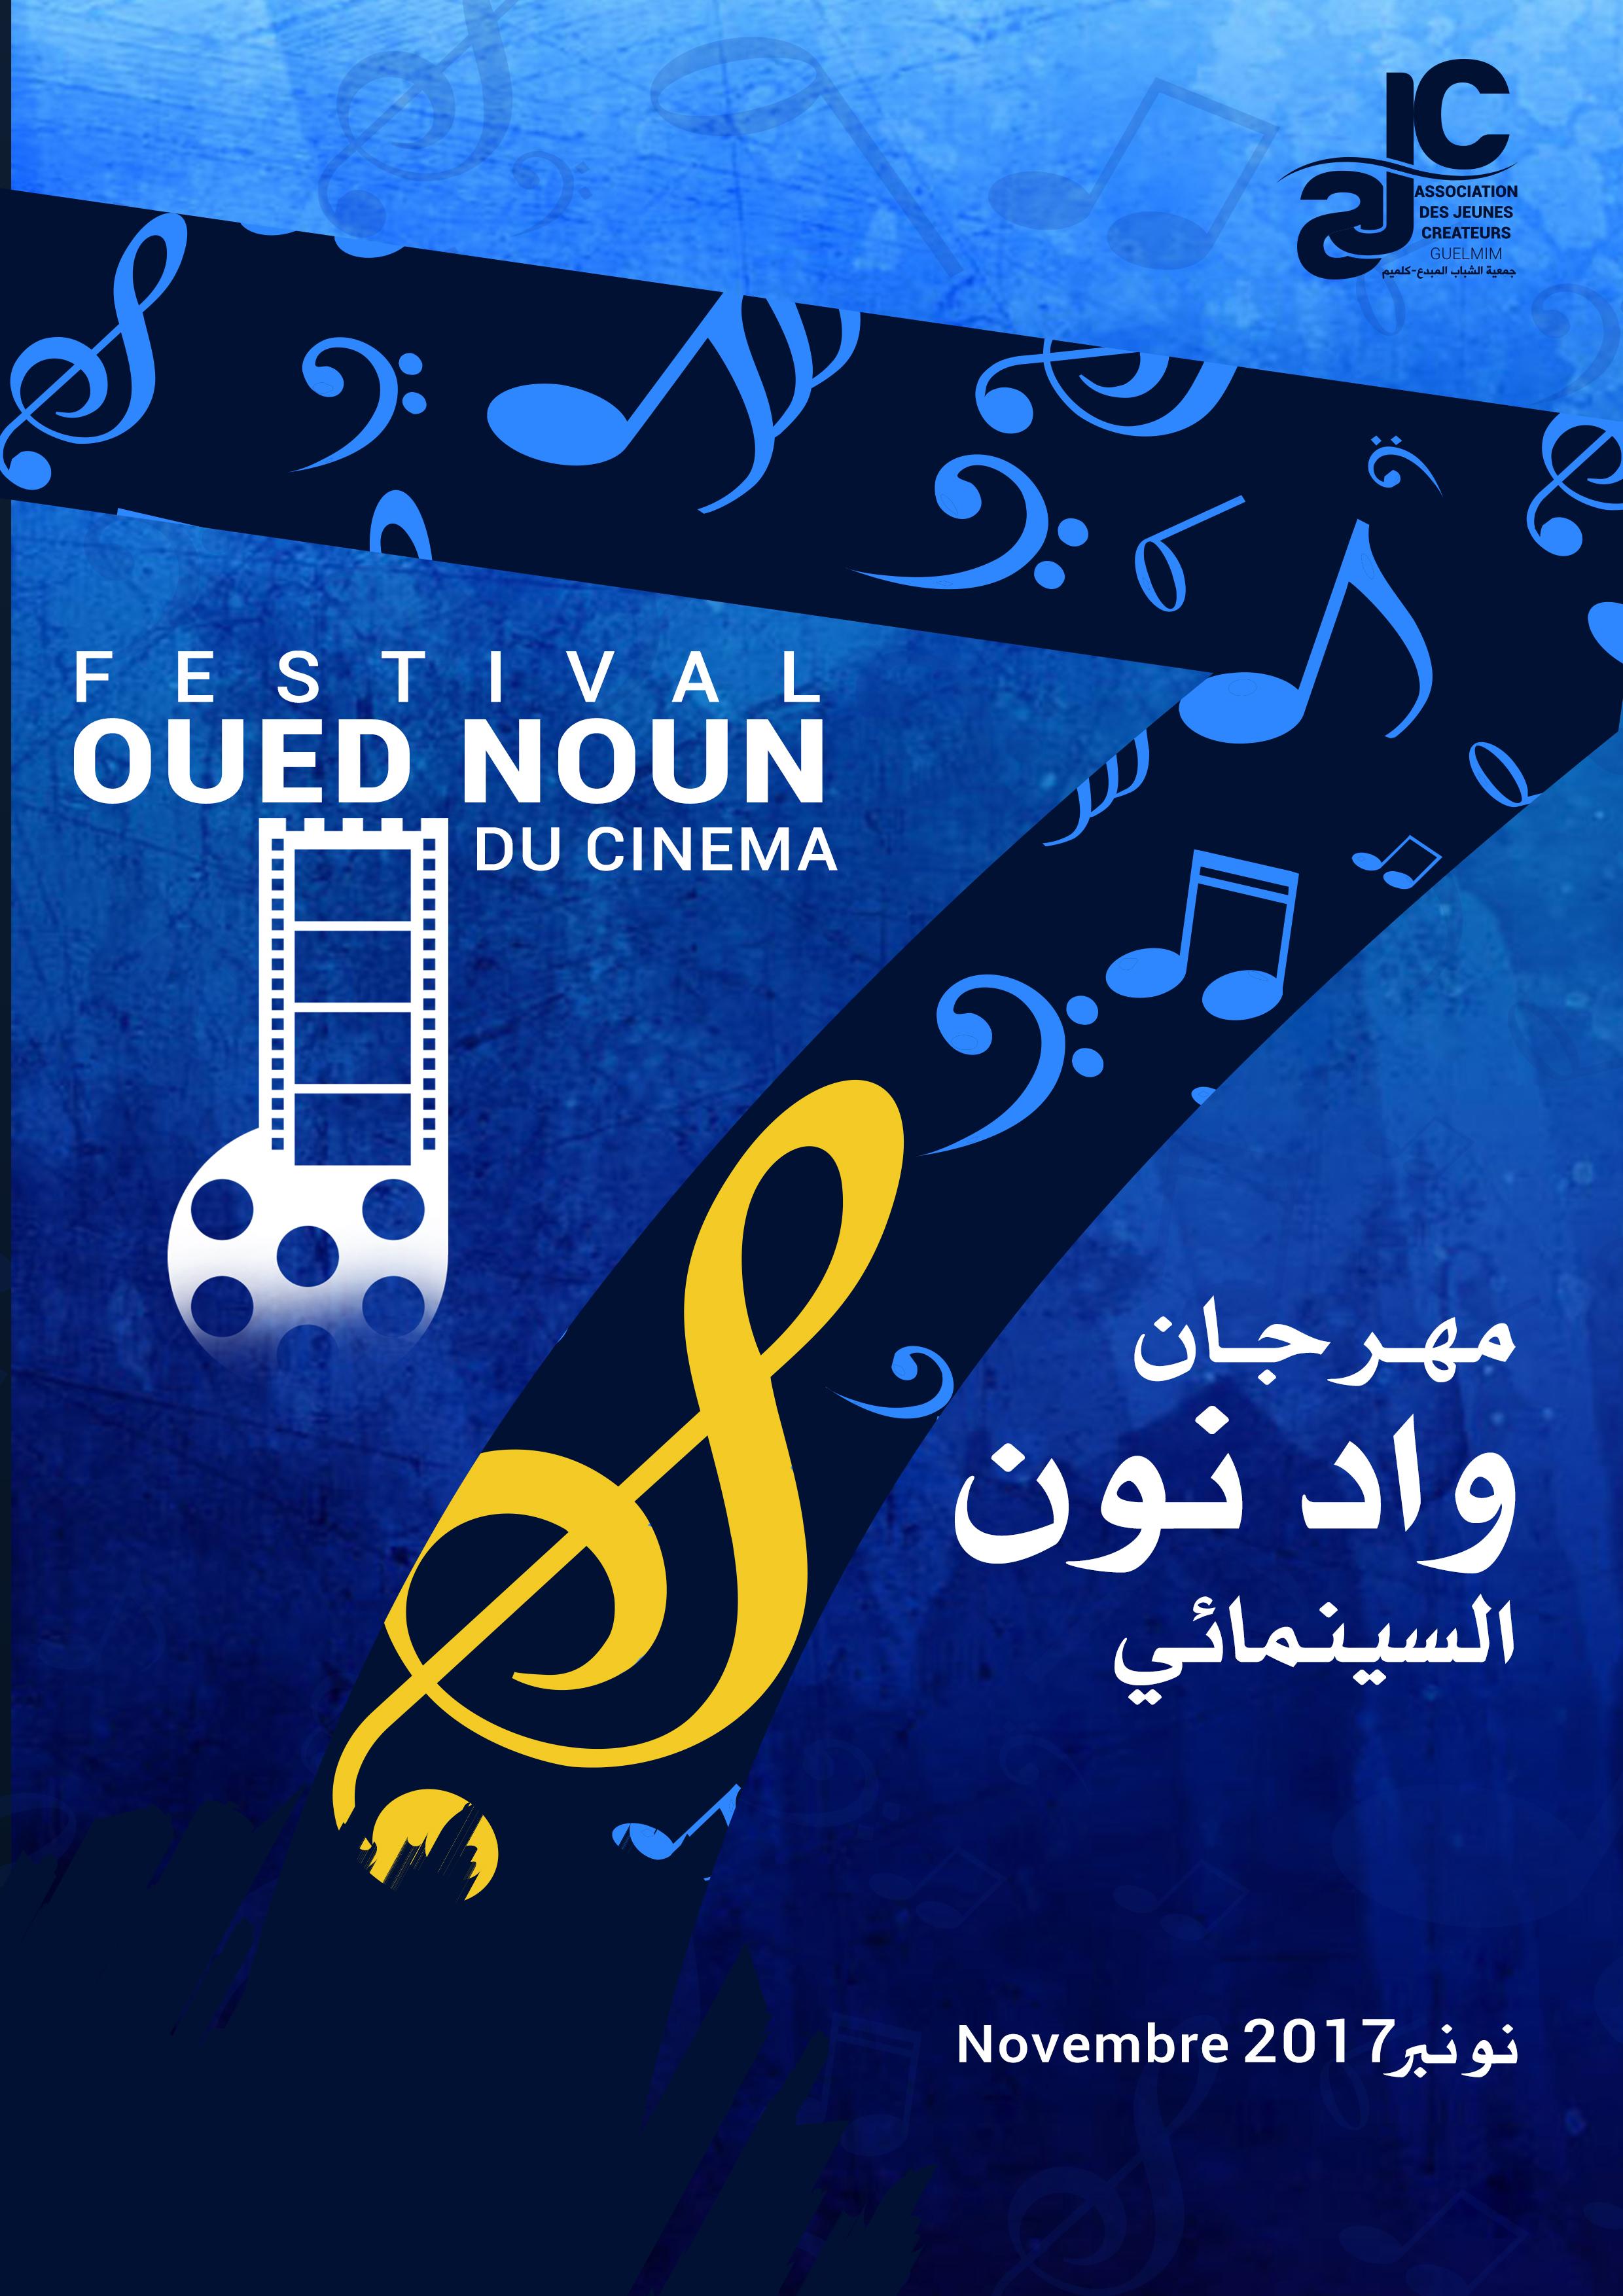 فتح باب التسجيل للمشاركة في مهرجان واد نون السينمائي